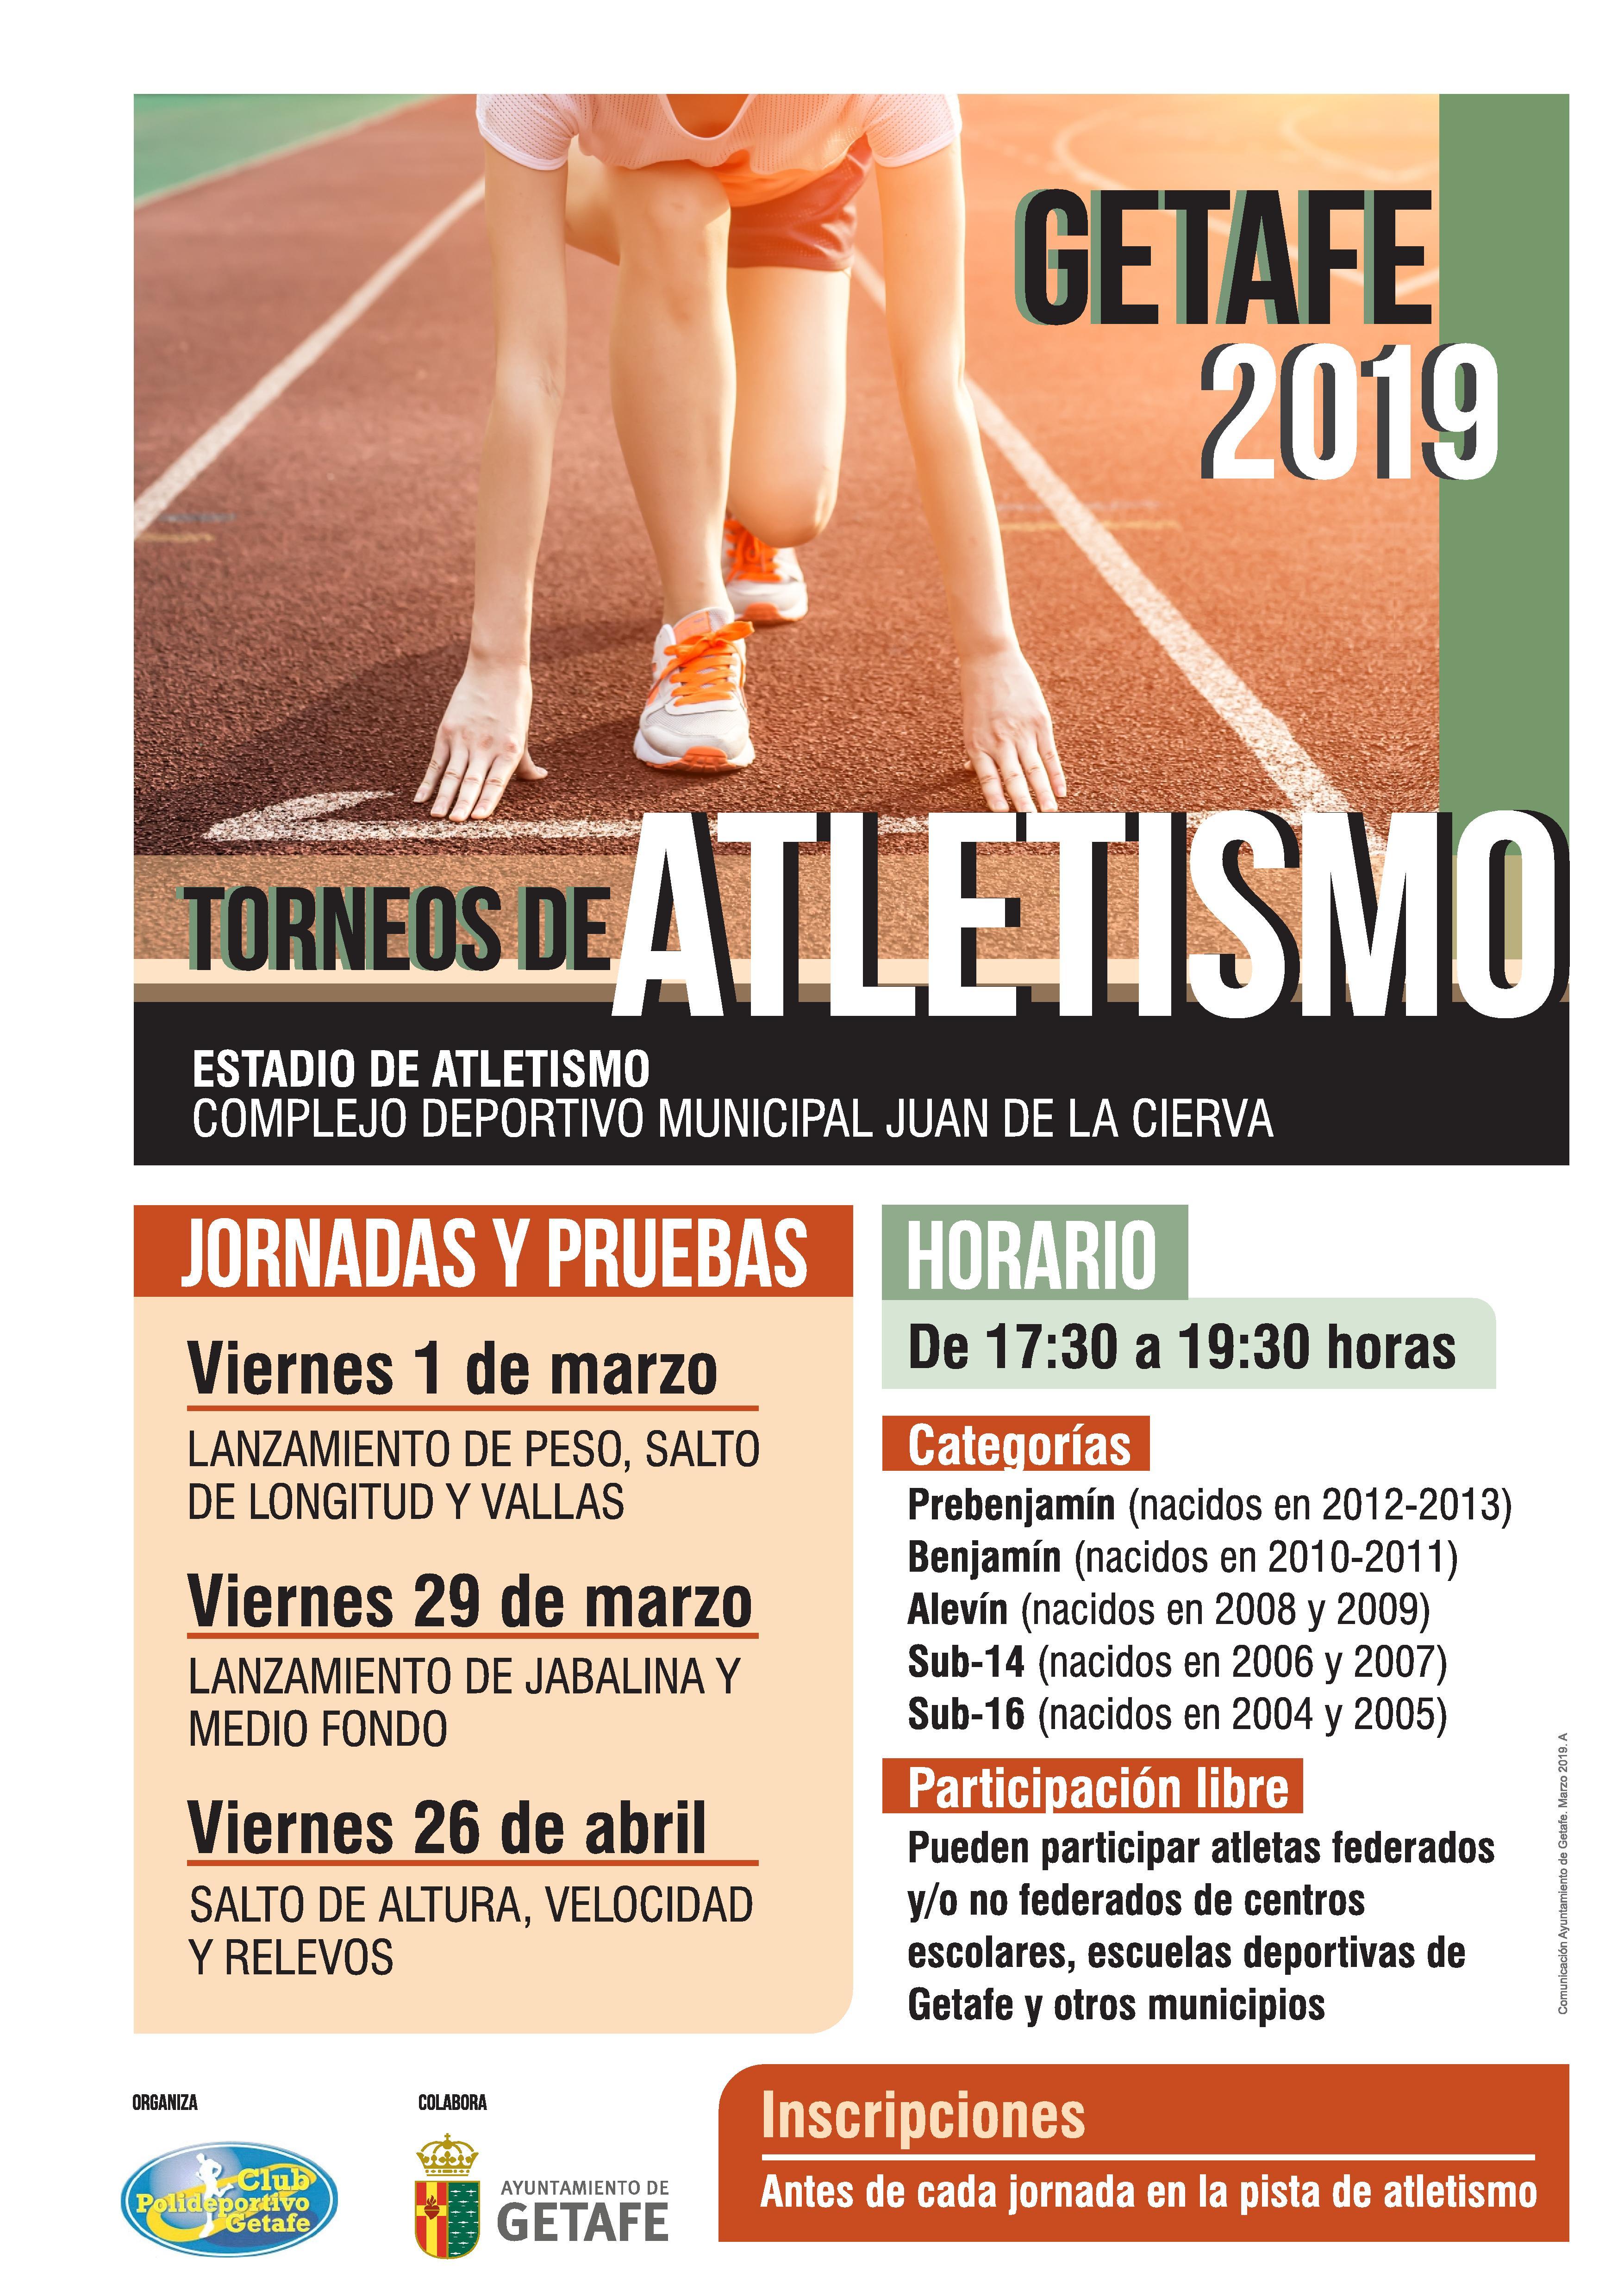 Torneos de Atletismo de Getafe 2019 (1ª Jornada)